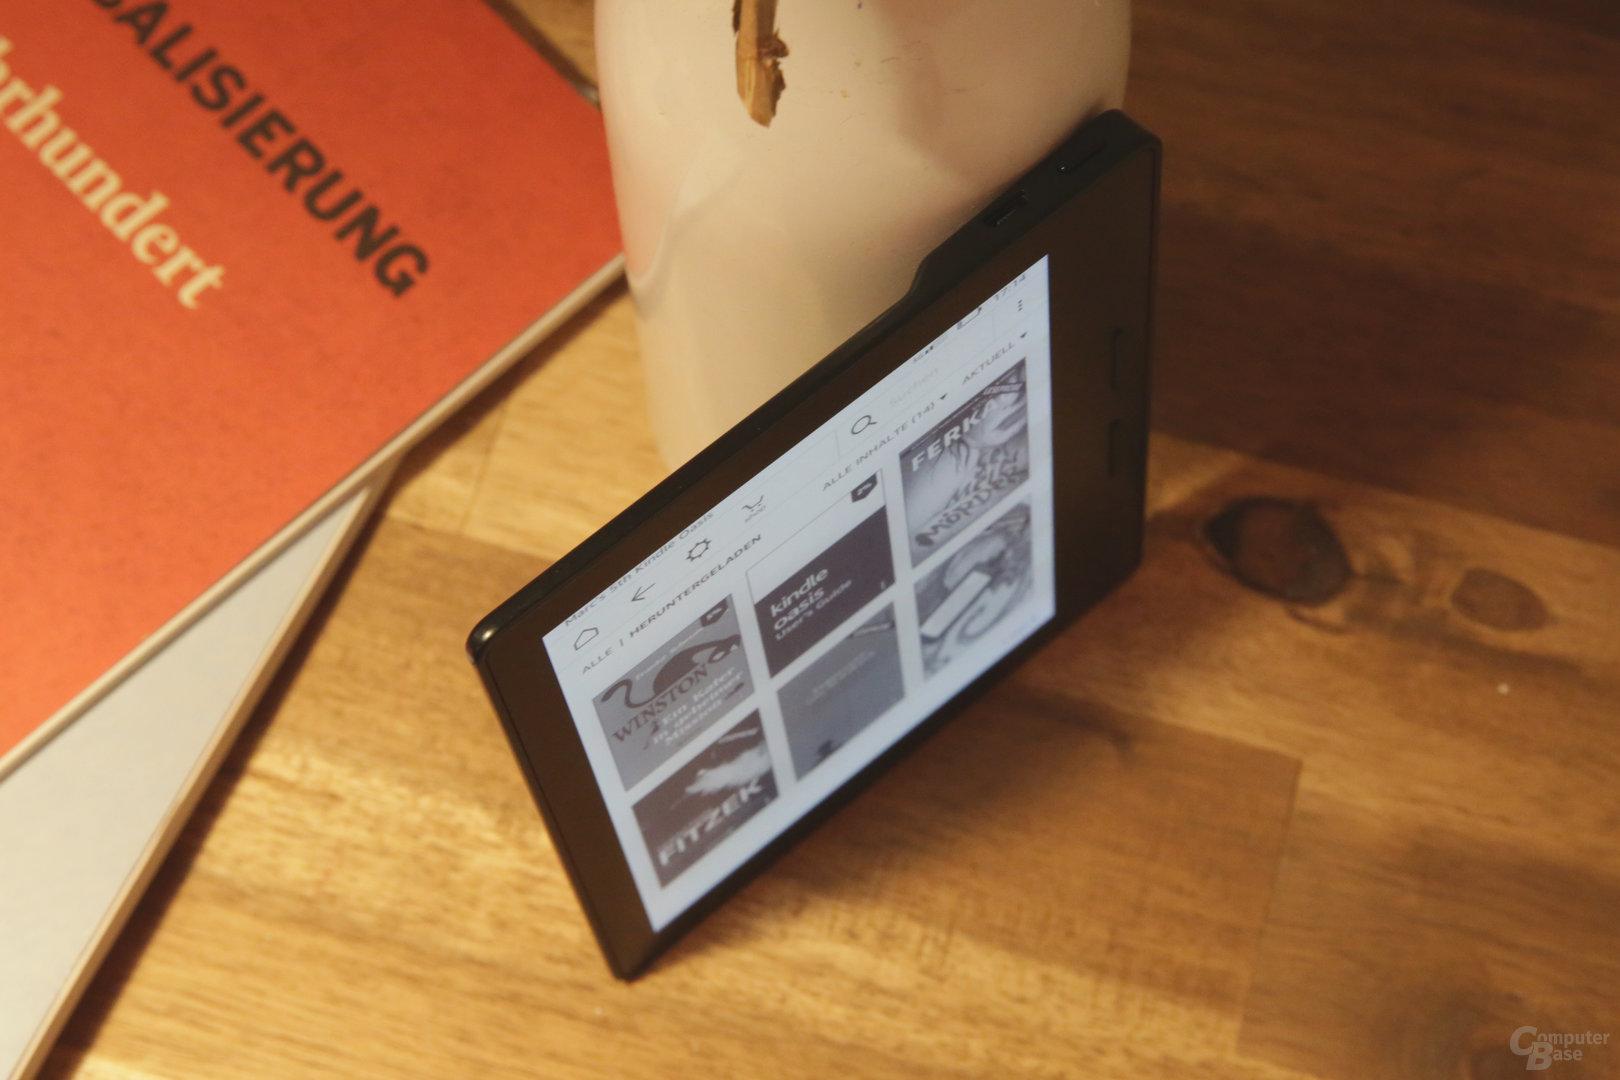 Der Kindle Oasis ist nur noch 143 × 122 × 3,4 – 8,5 Millimeter groß und wiegt 131 Gramm